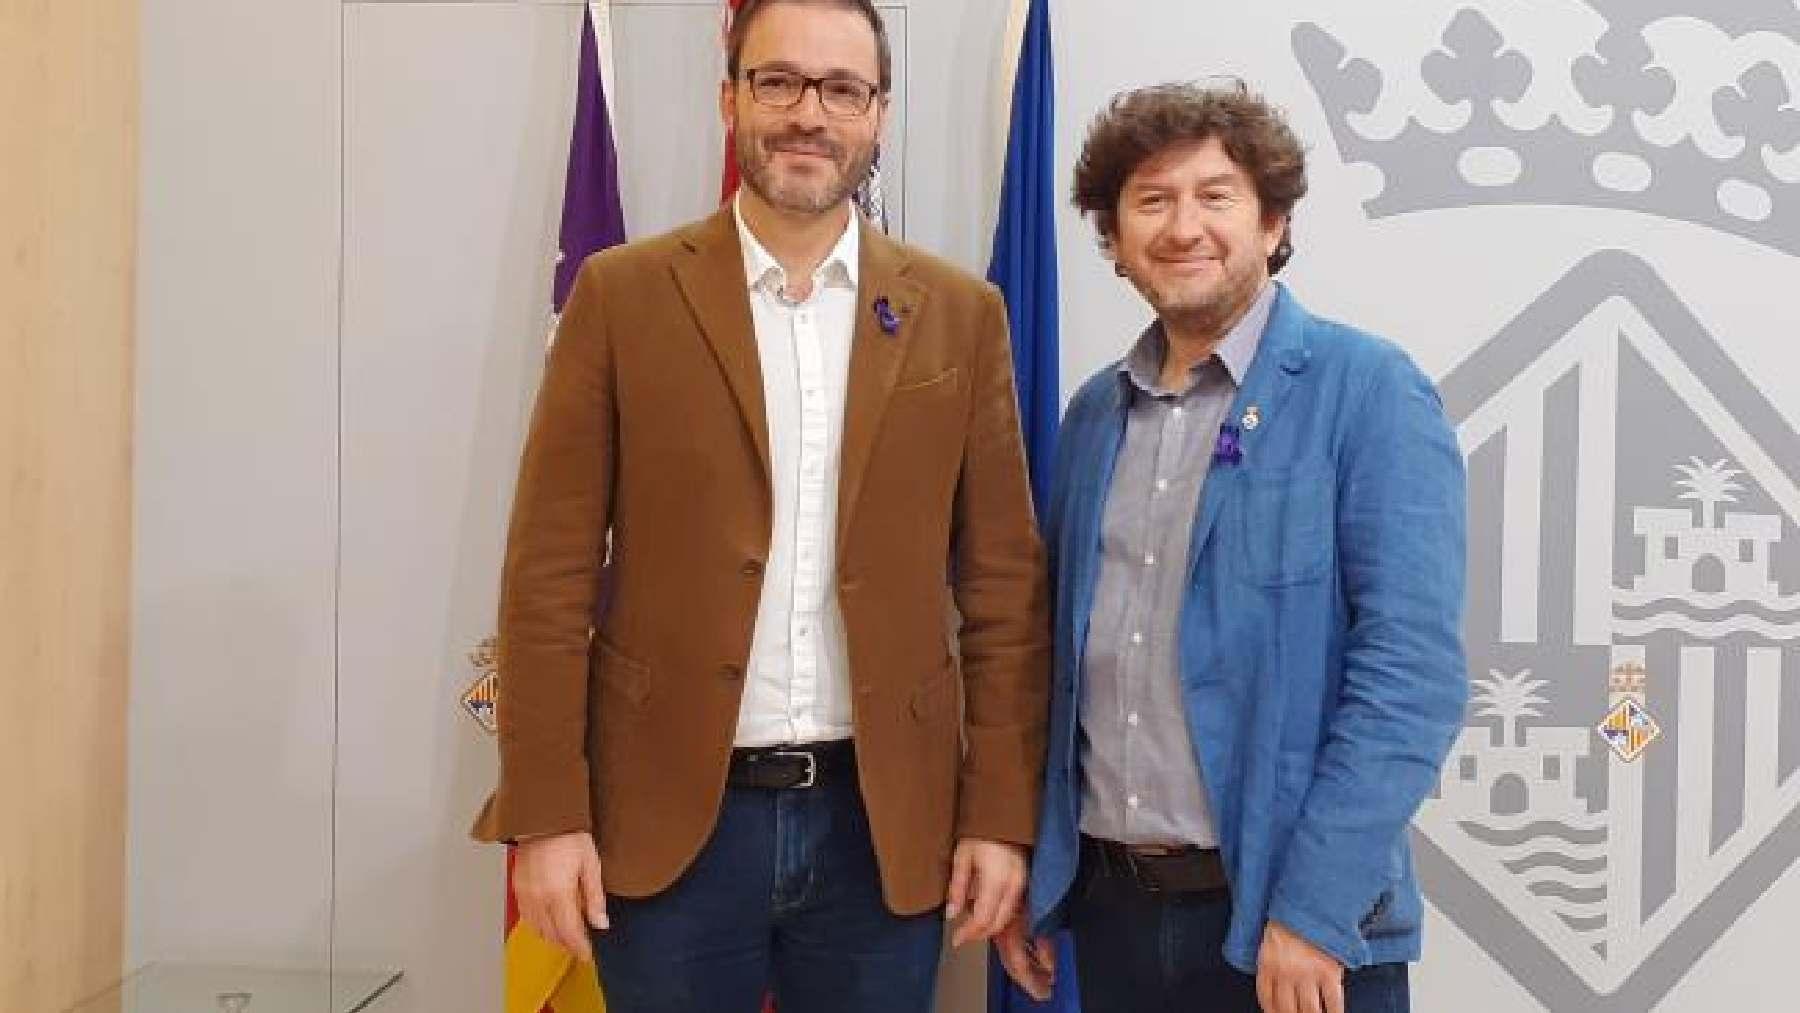 El alcalde de Palma, Jose Hila, y el portavoz del gobierno municipal, Alberto Jarabo.